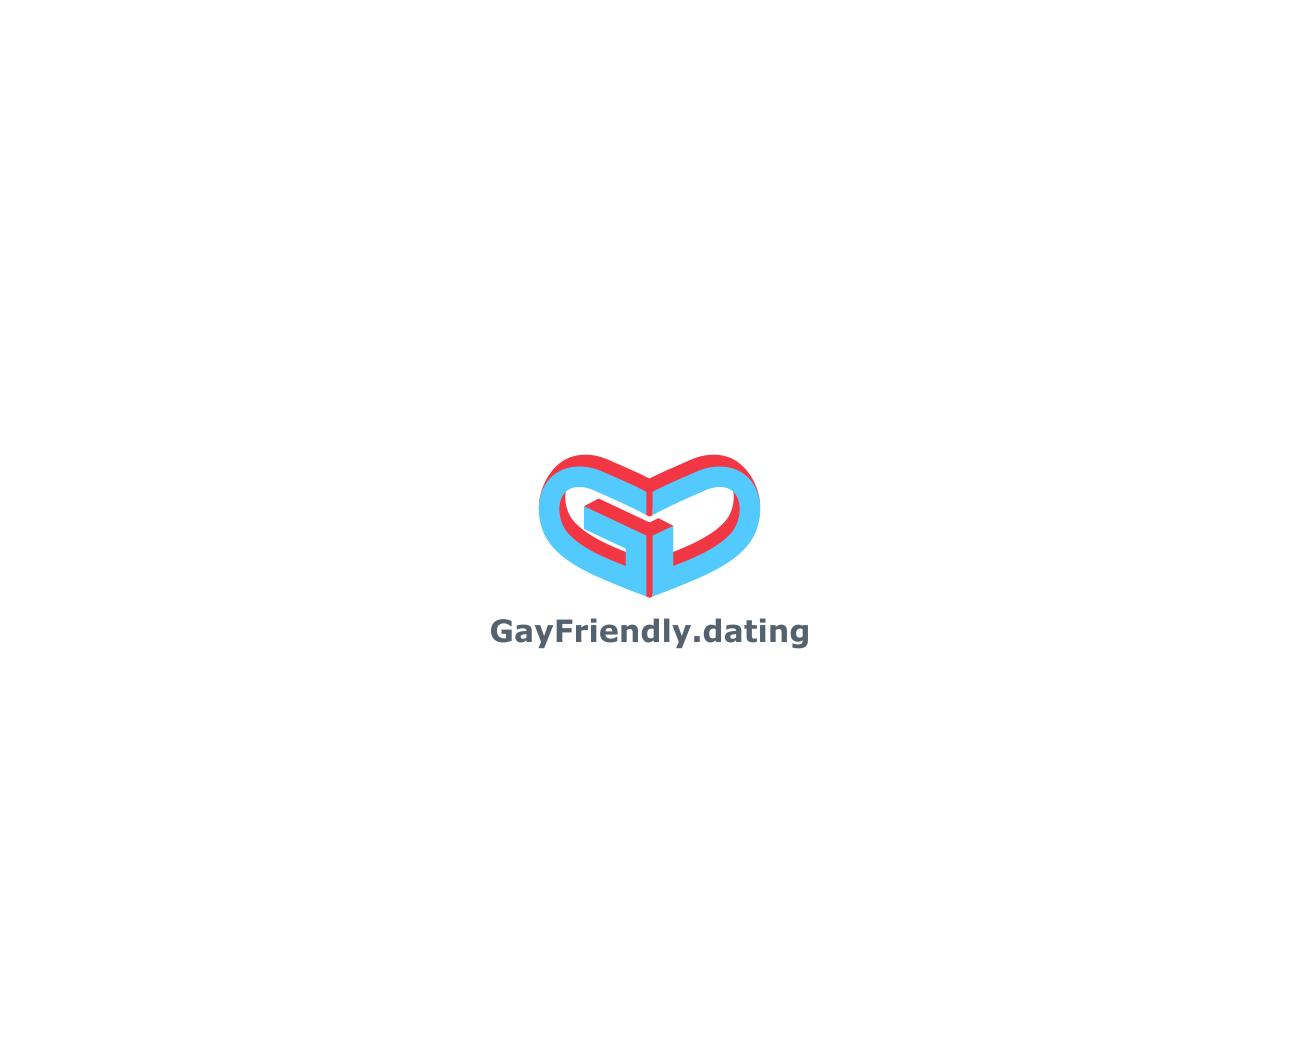 Разработать логотип для англоязычн. сайта знакомств для геев фото f_9205b4a640dc5832.png